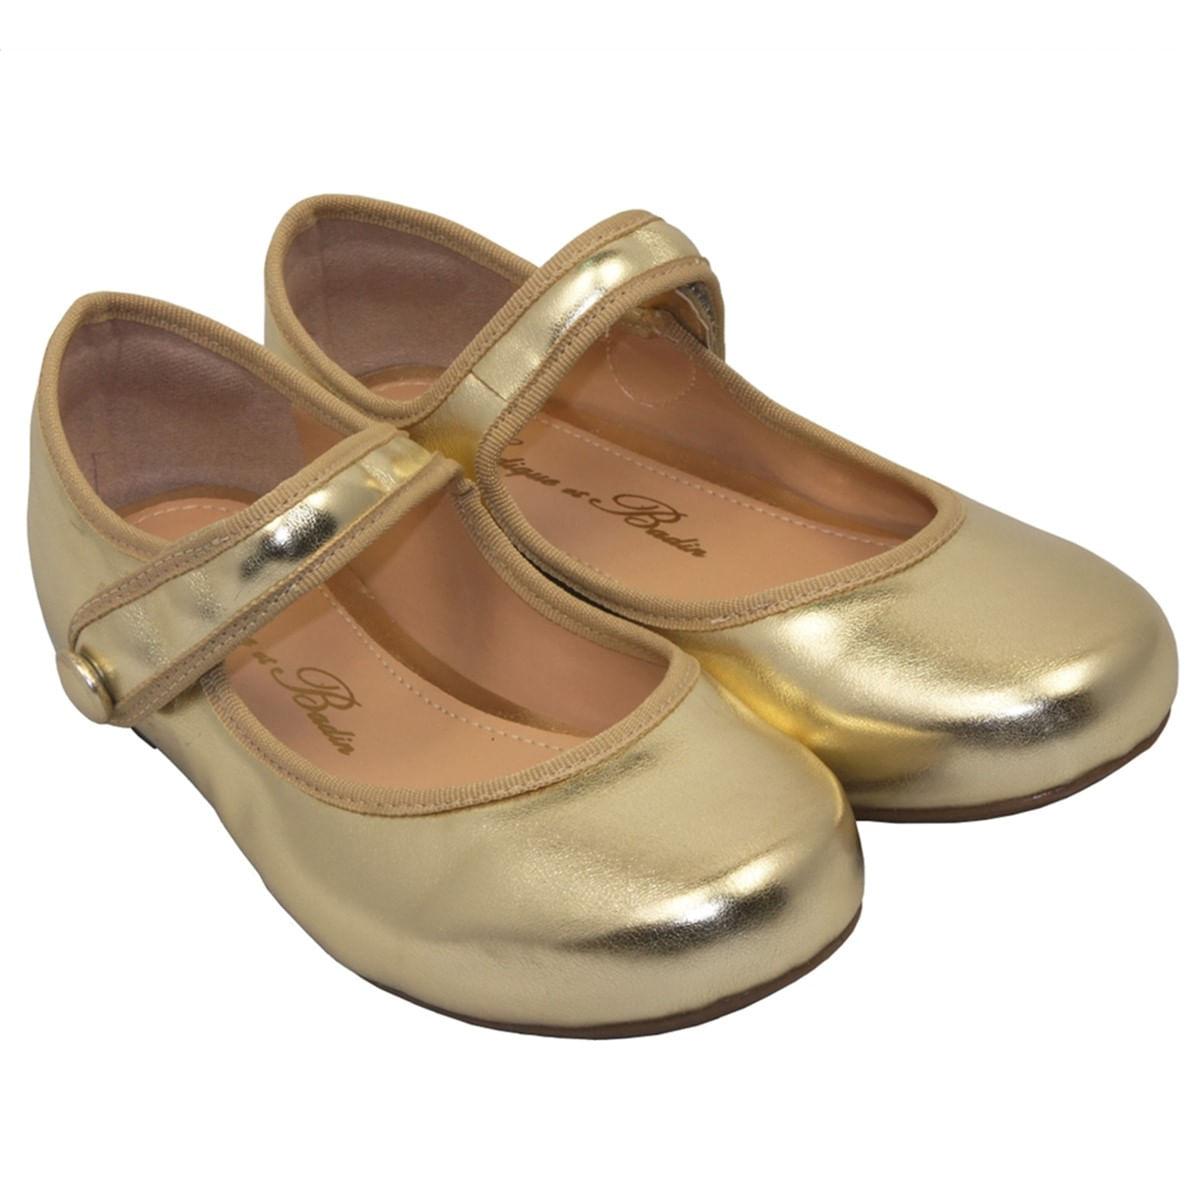 Sapatilha-Boneca-Classica-c--Velcro-Ludique-et-Badin--22-ao-32-